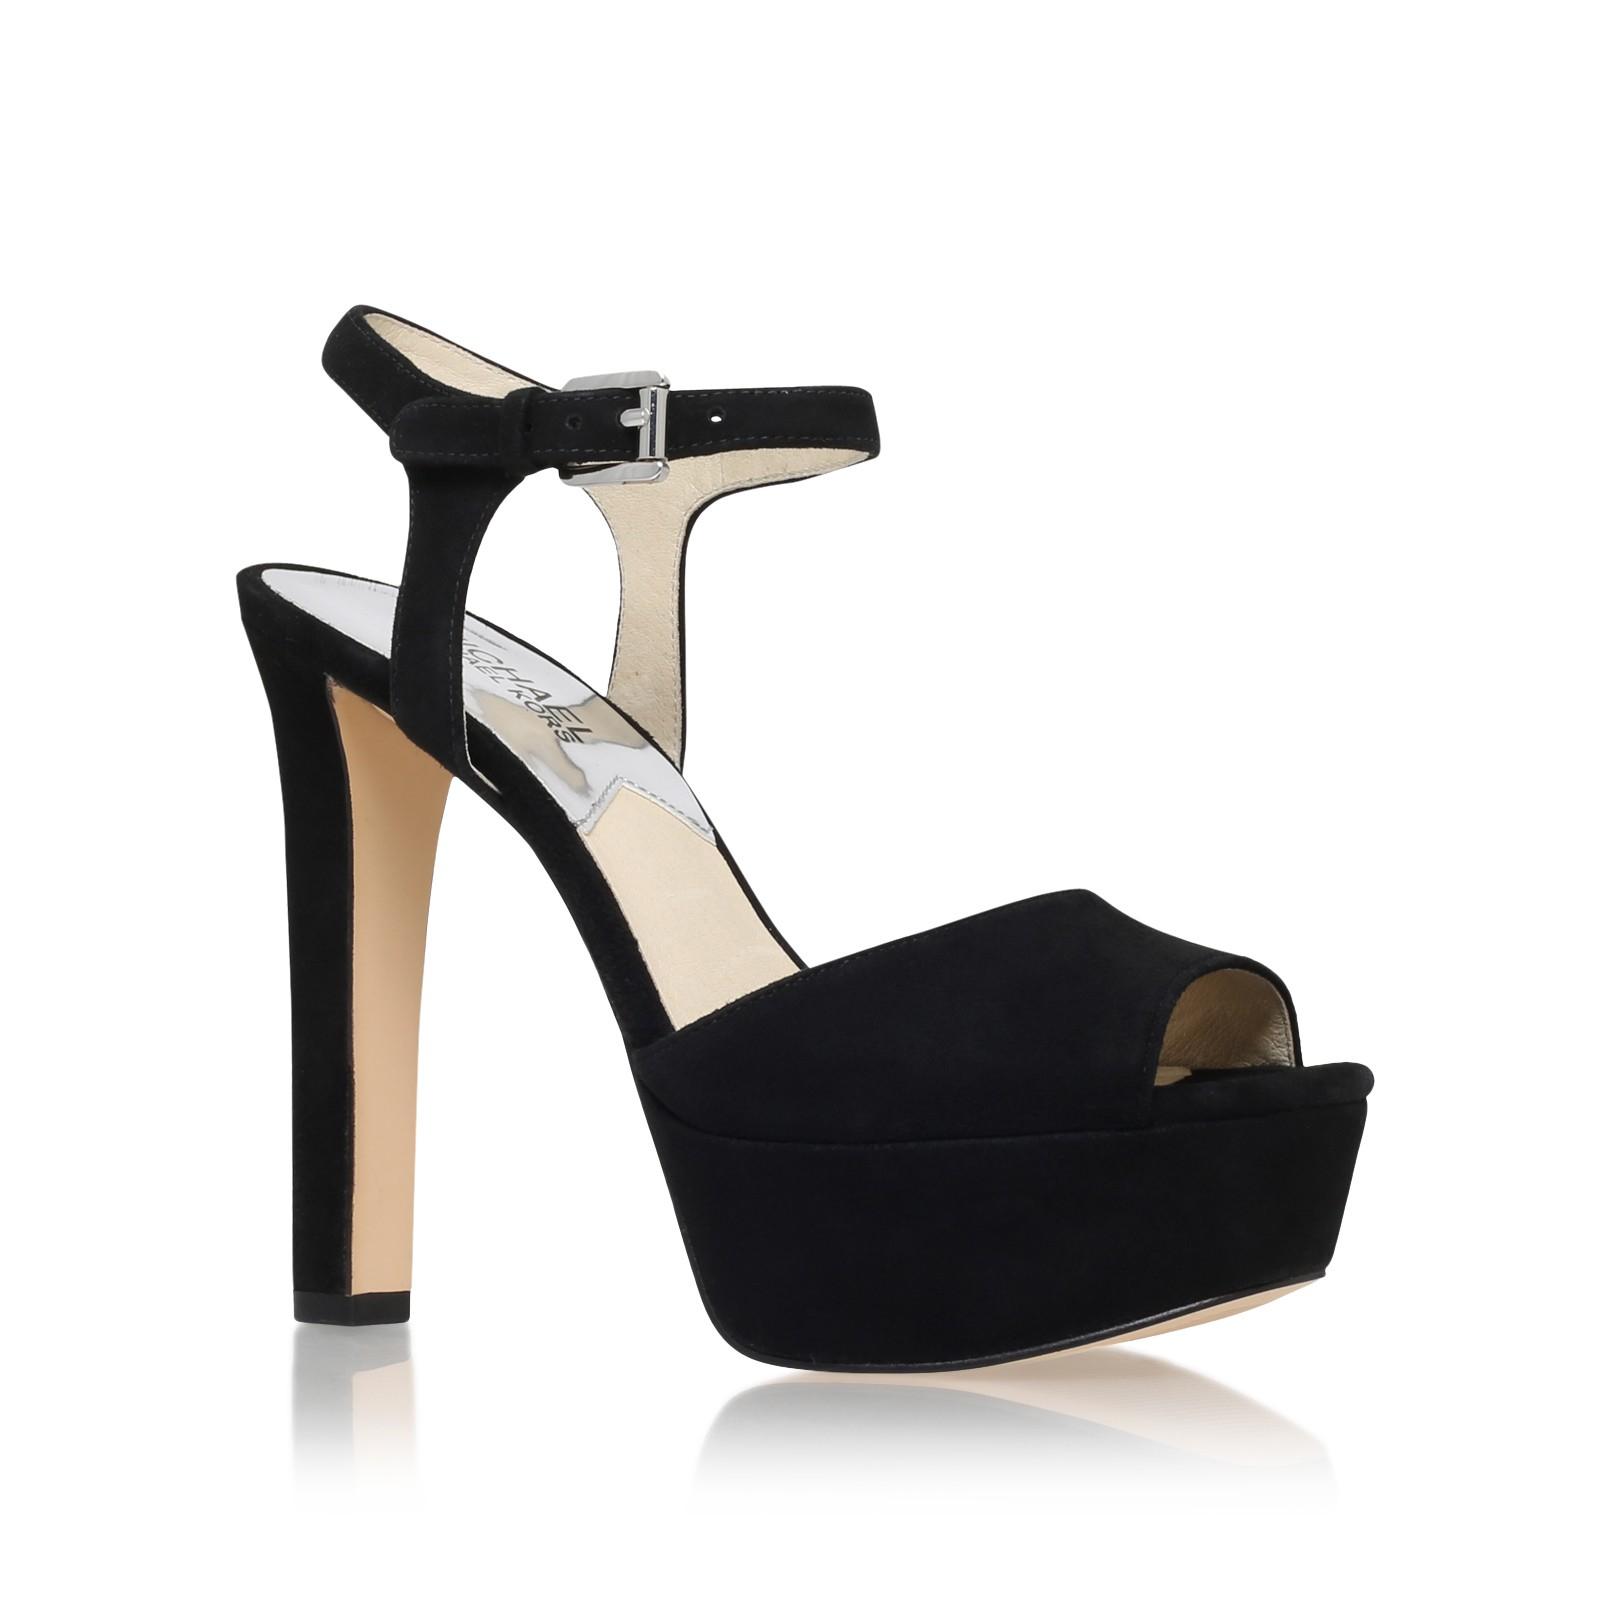 d96db5e491e MICHAEL Michael Kors Trish Sandal in Black - Lyst